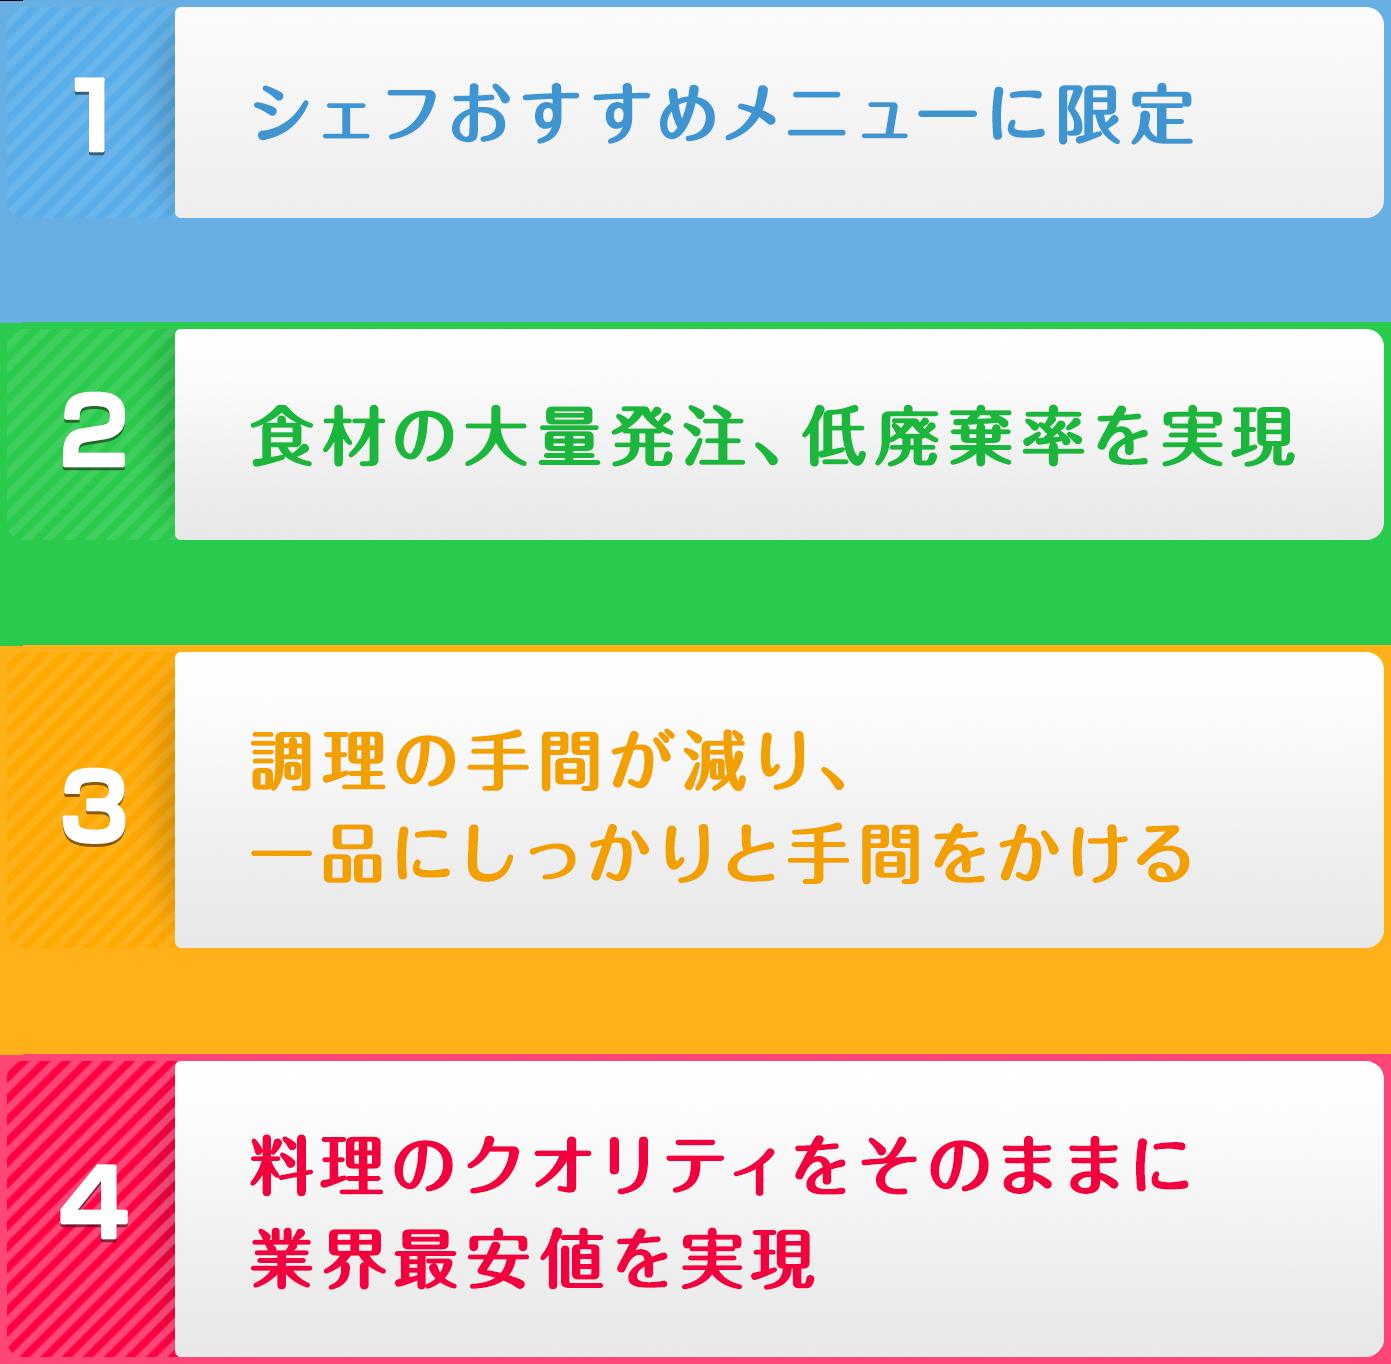 hiketu-flow